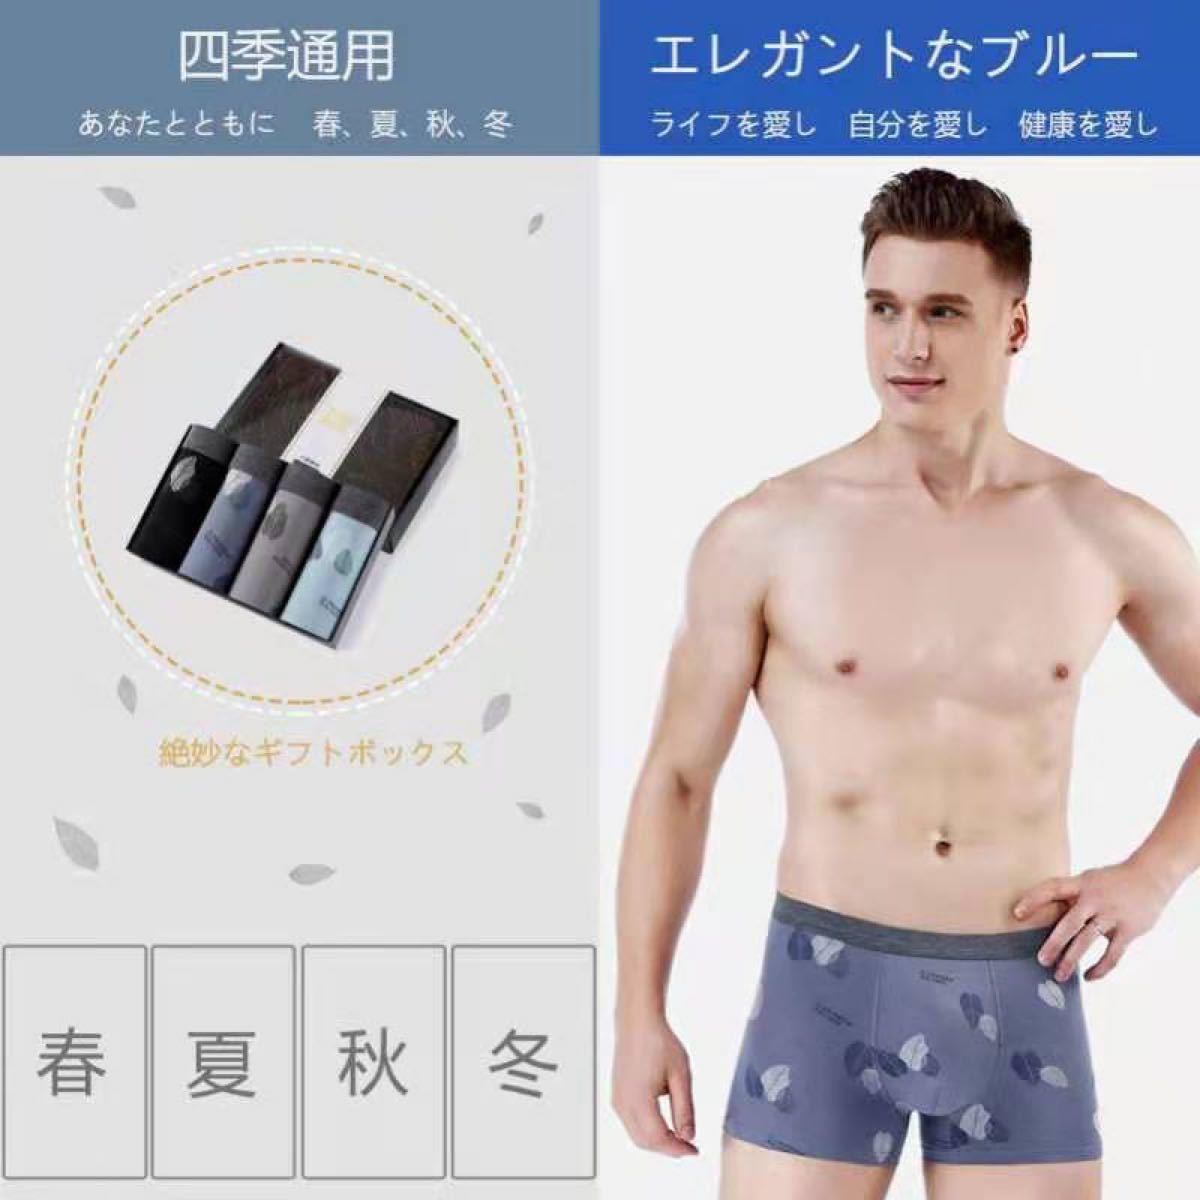 ボクサーパンツ メンズ 男性用 下着 綿ブリーフ シームレス 快適 吸汗速乾 抗菌防臭 通気性抜群 綿素材8枚組 XL